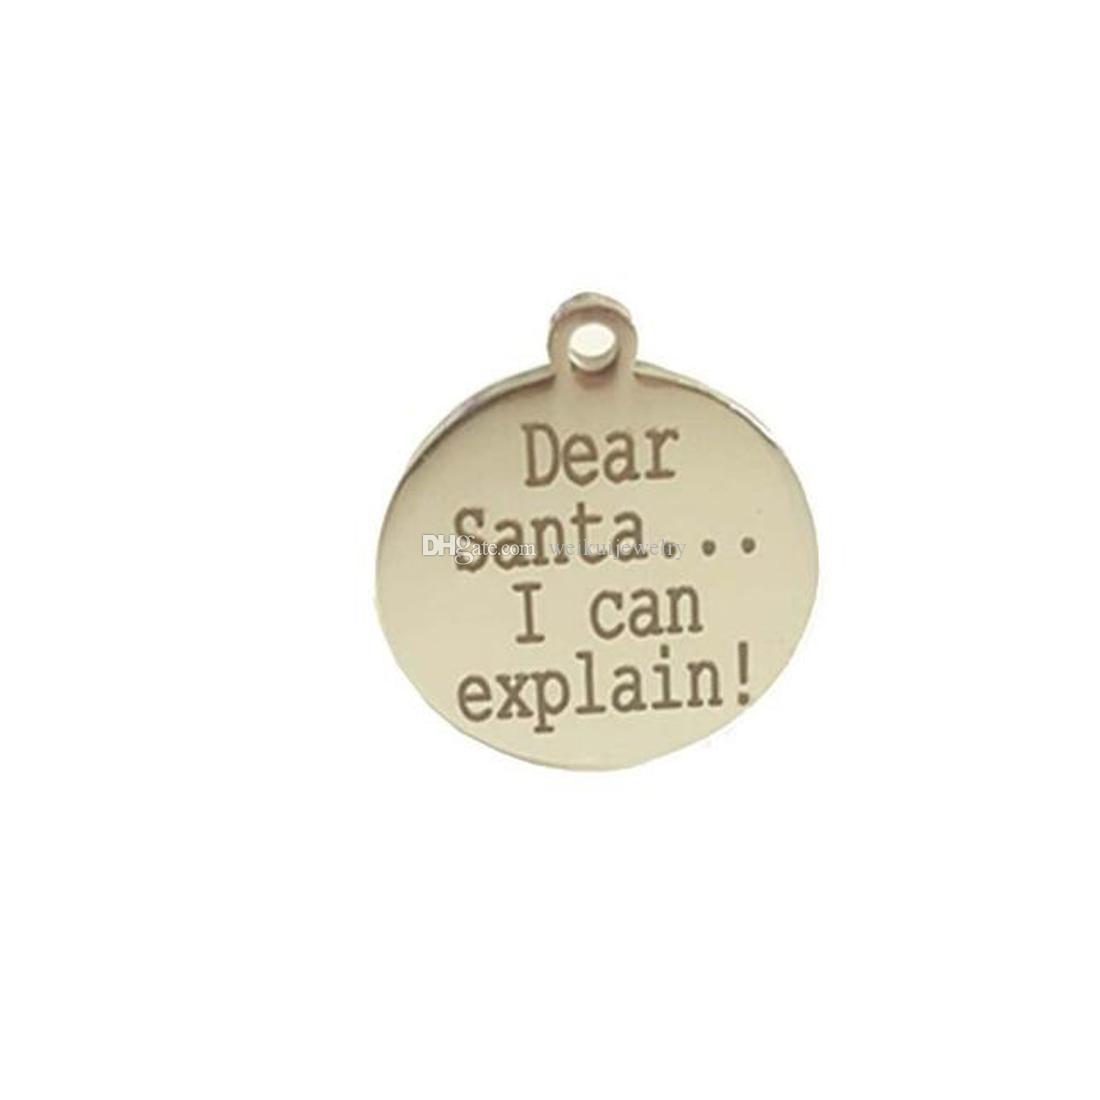 Moda de acero inoxidable personalizada Querido Santa ... ¡Puedo explicarte! Accesorios redondos de plata de Navidad El mejor regalo de Navidad